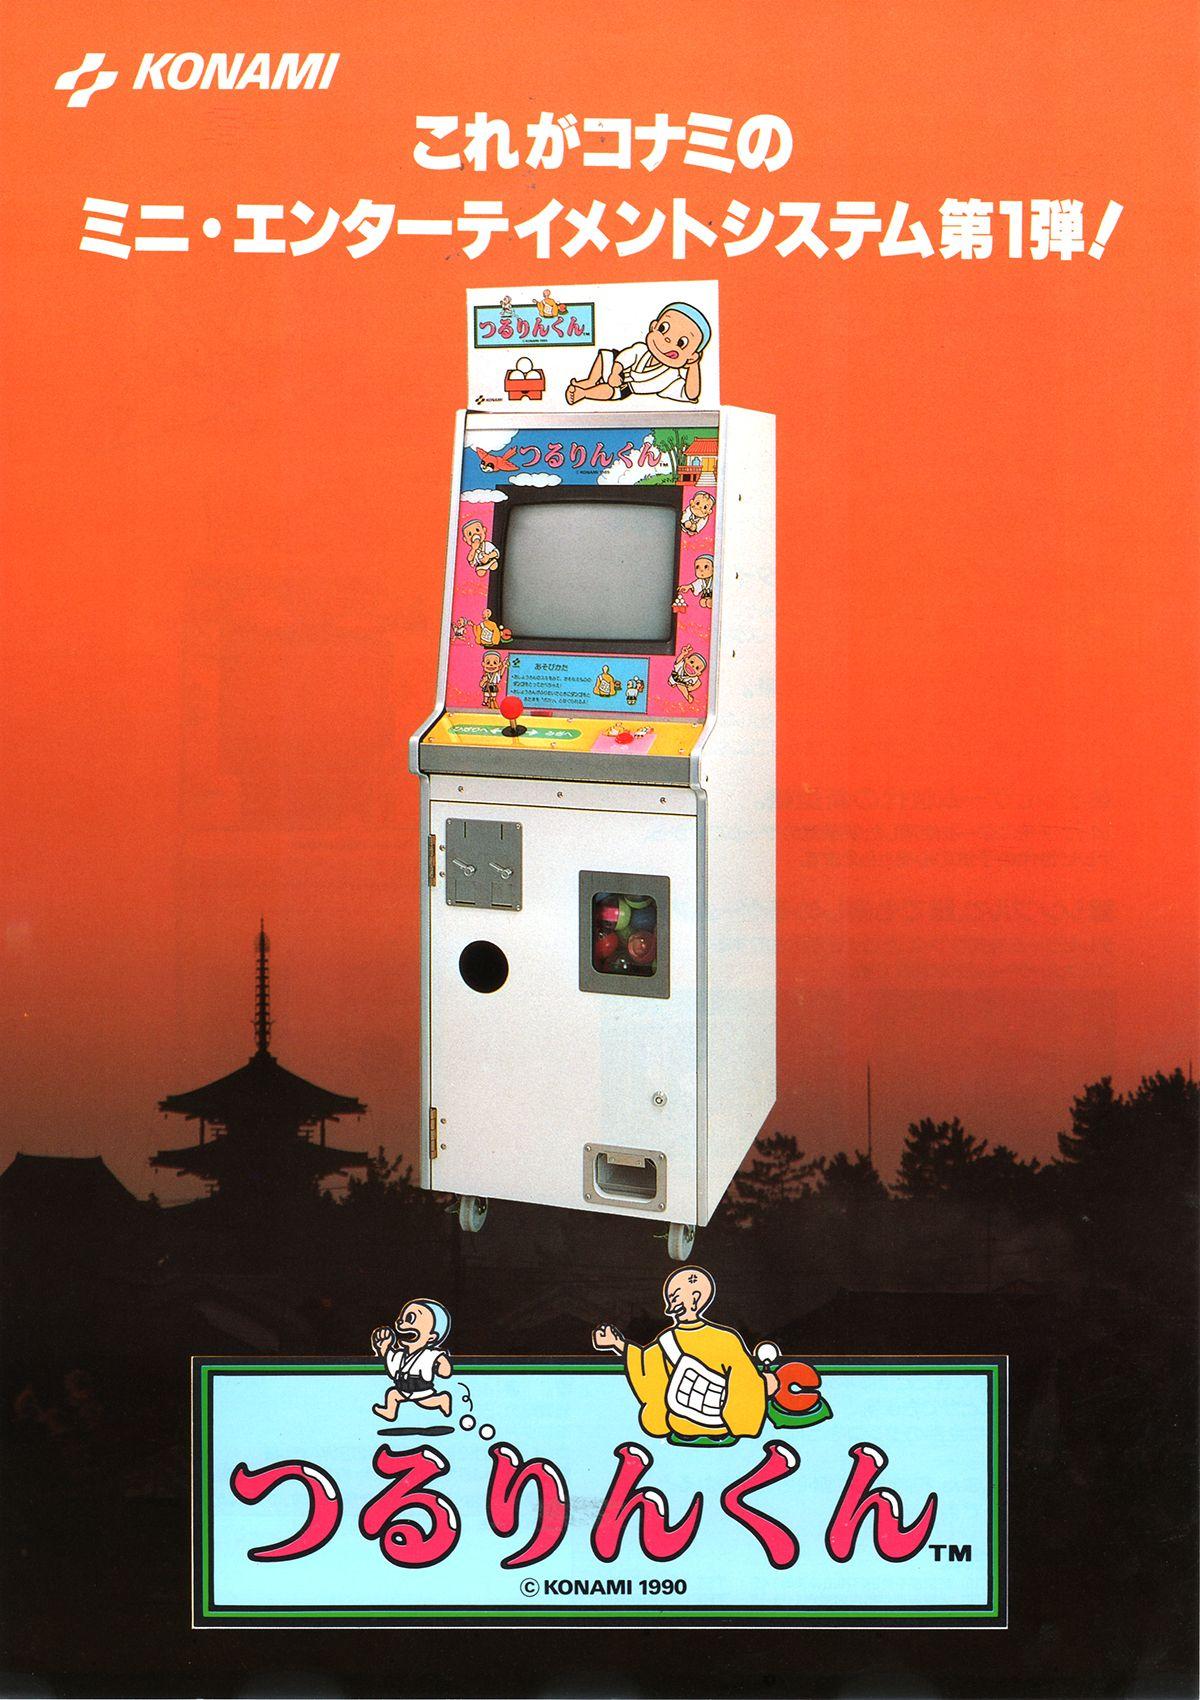 コナミ つるりんくん チラシ konami tsururinkun flyer コナミ アーケードゲーム レトロゲーム